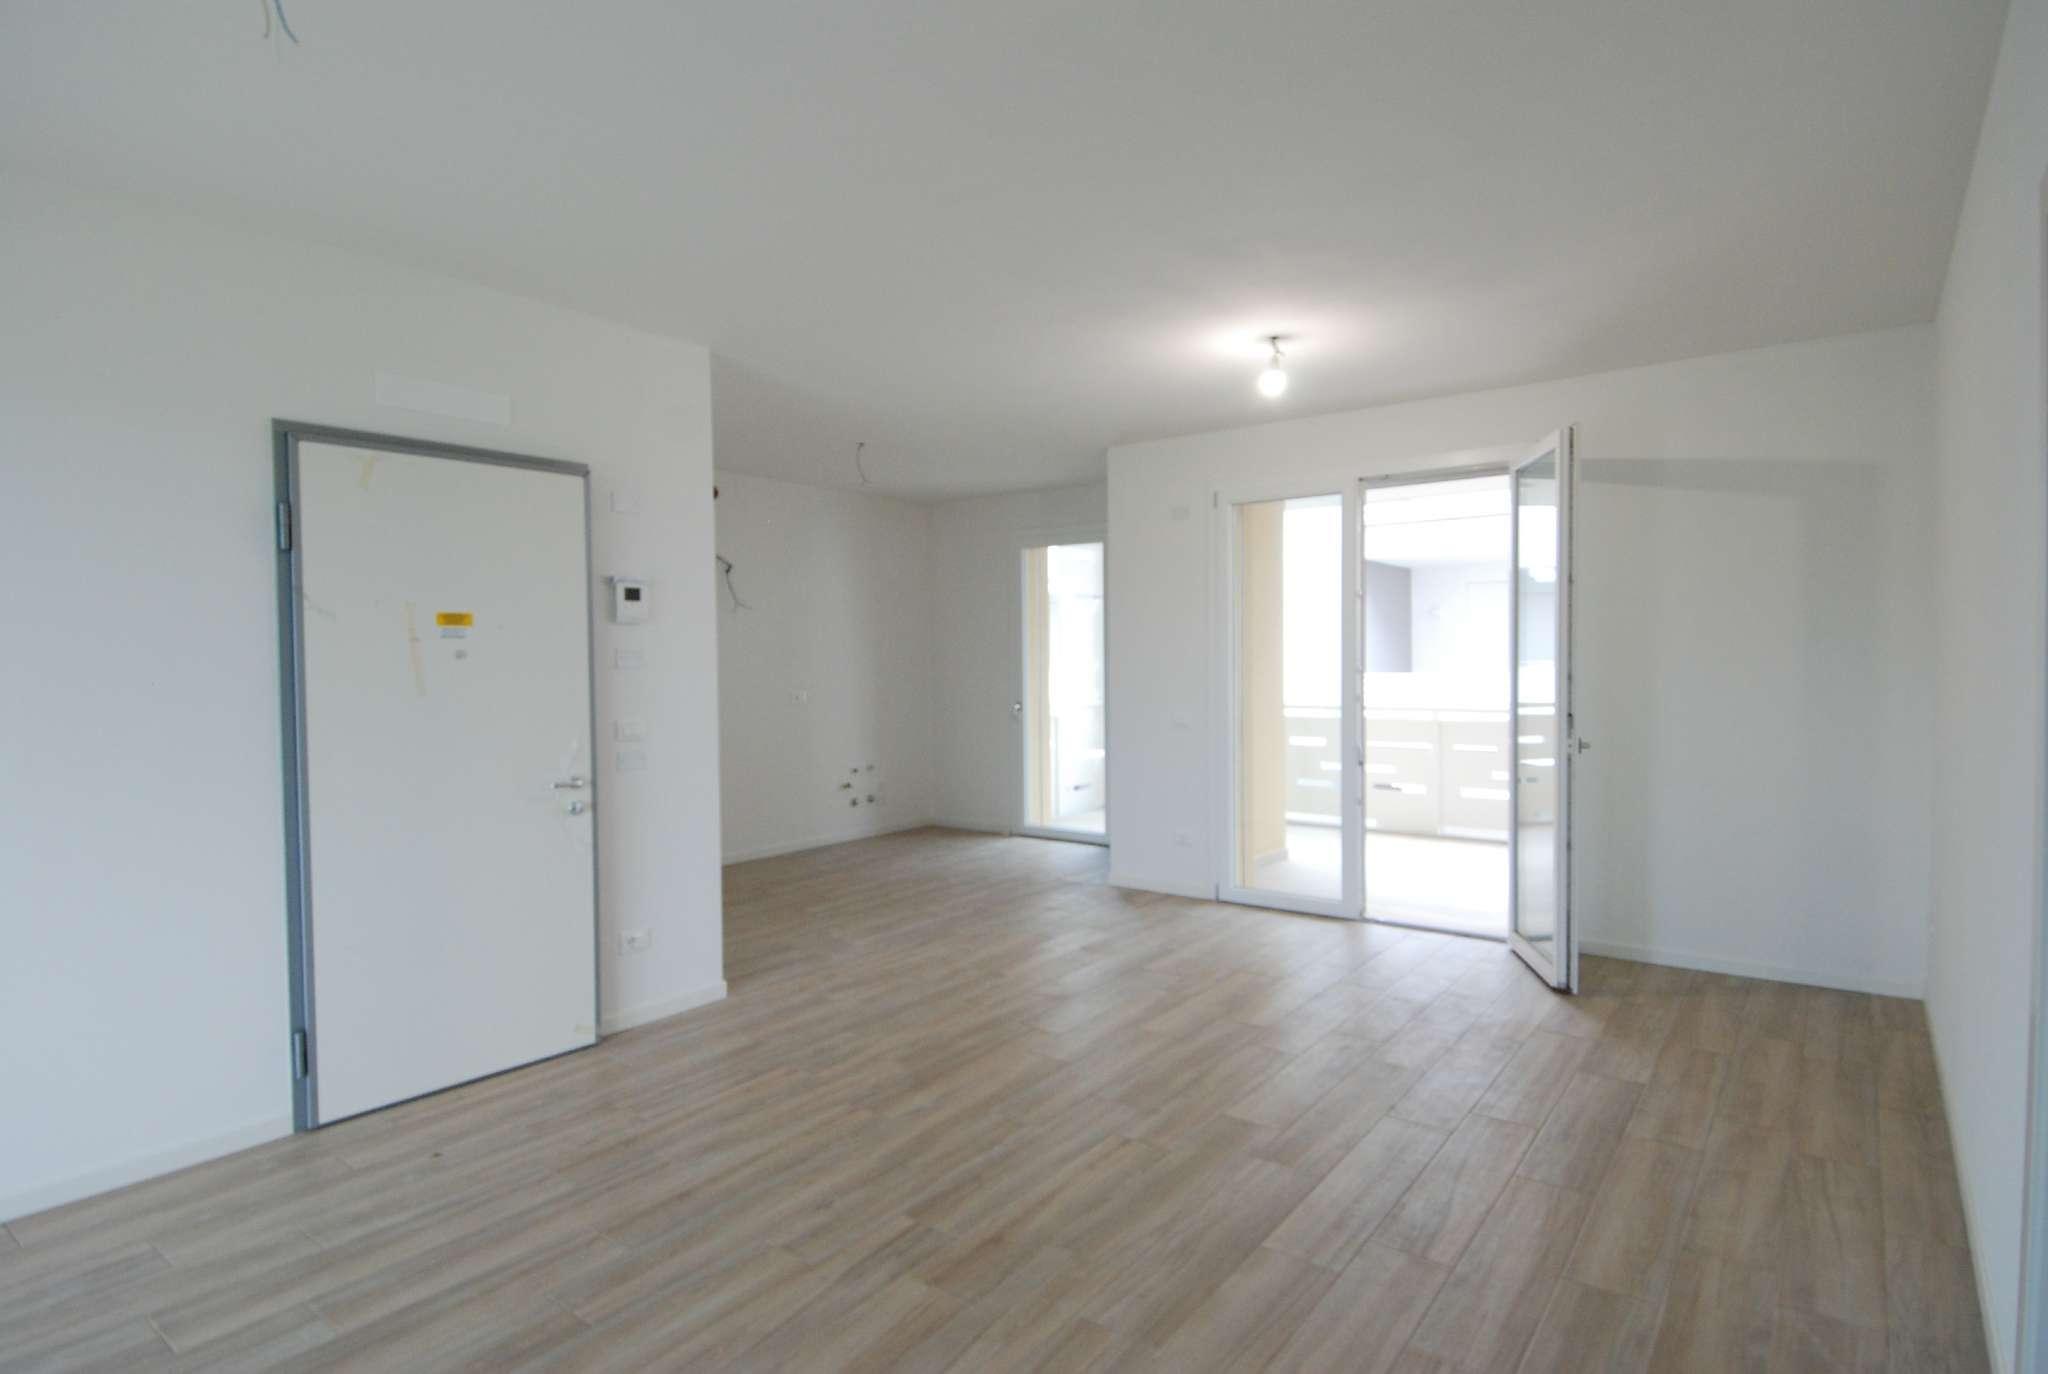 Appartamento in vendita a Villafranca Padovana, 4 locali, prezzo € 203.000 | PortaleAgenzieImmobiliari.it